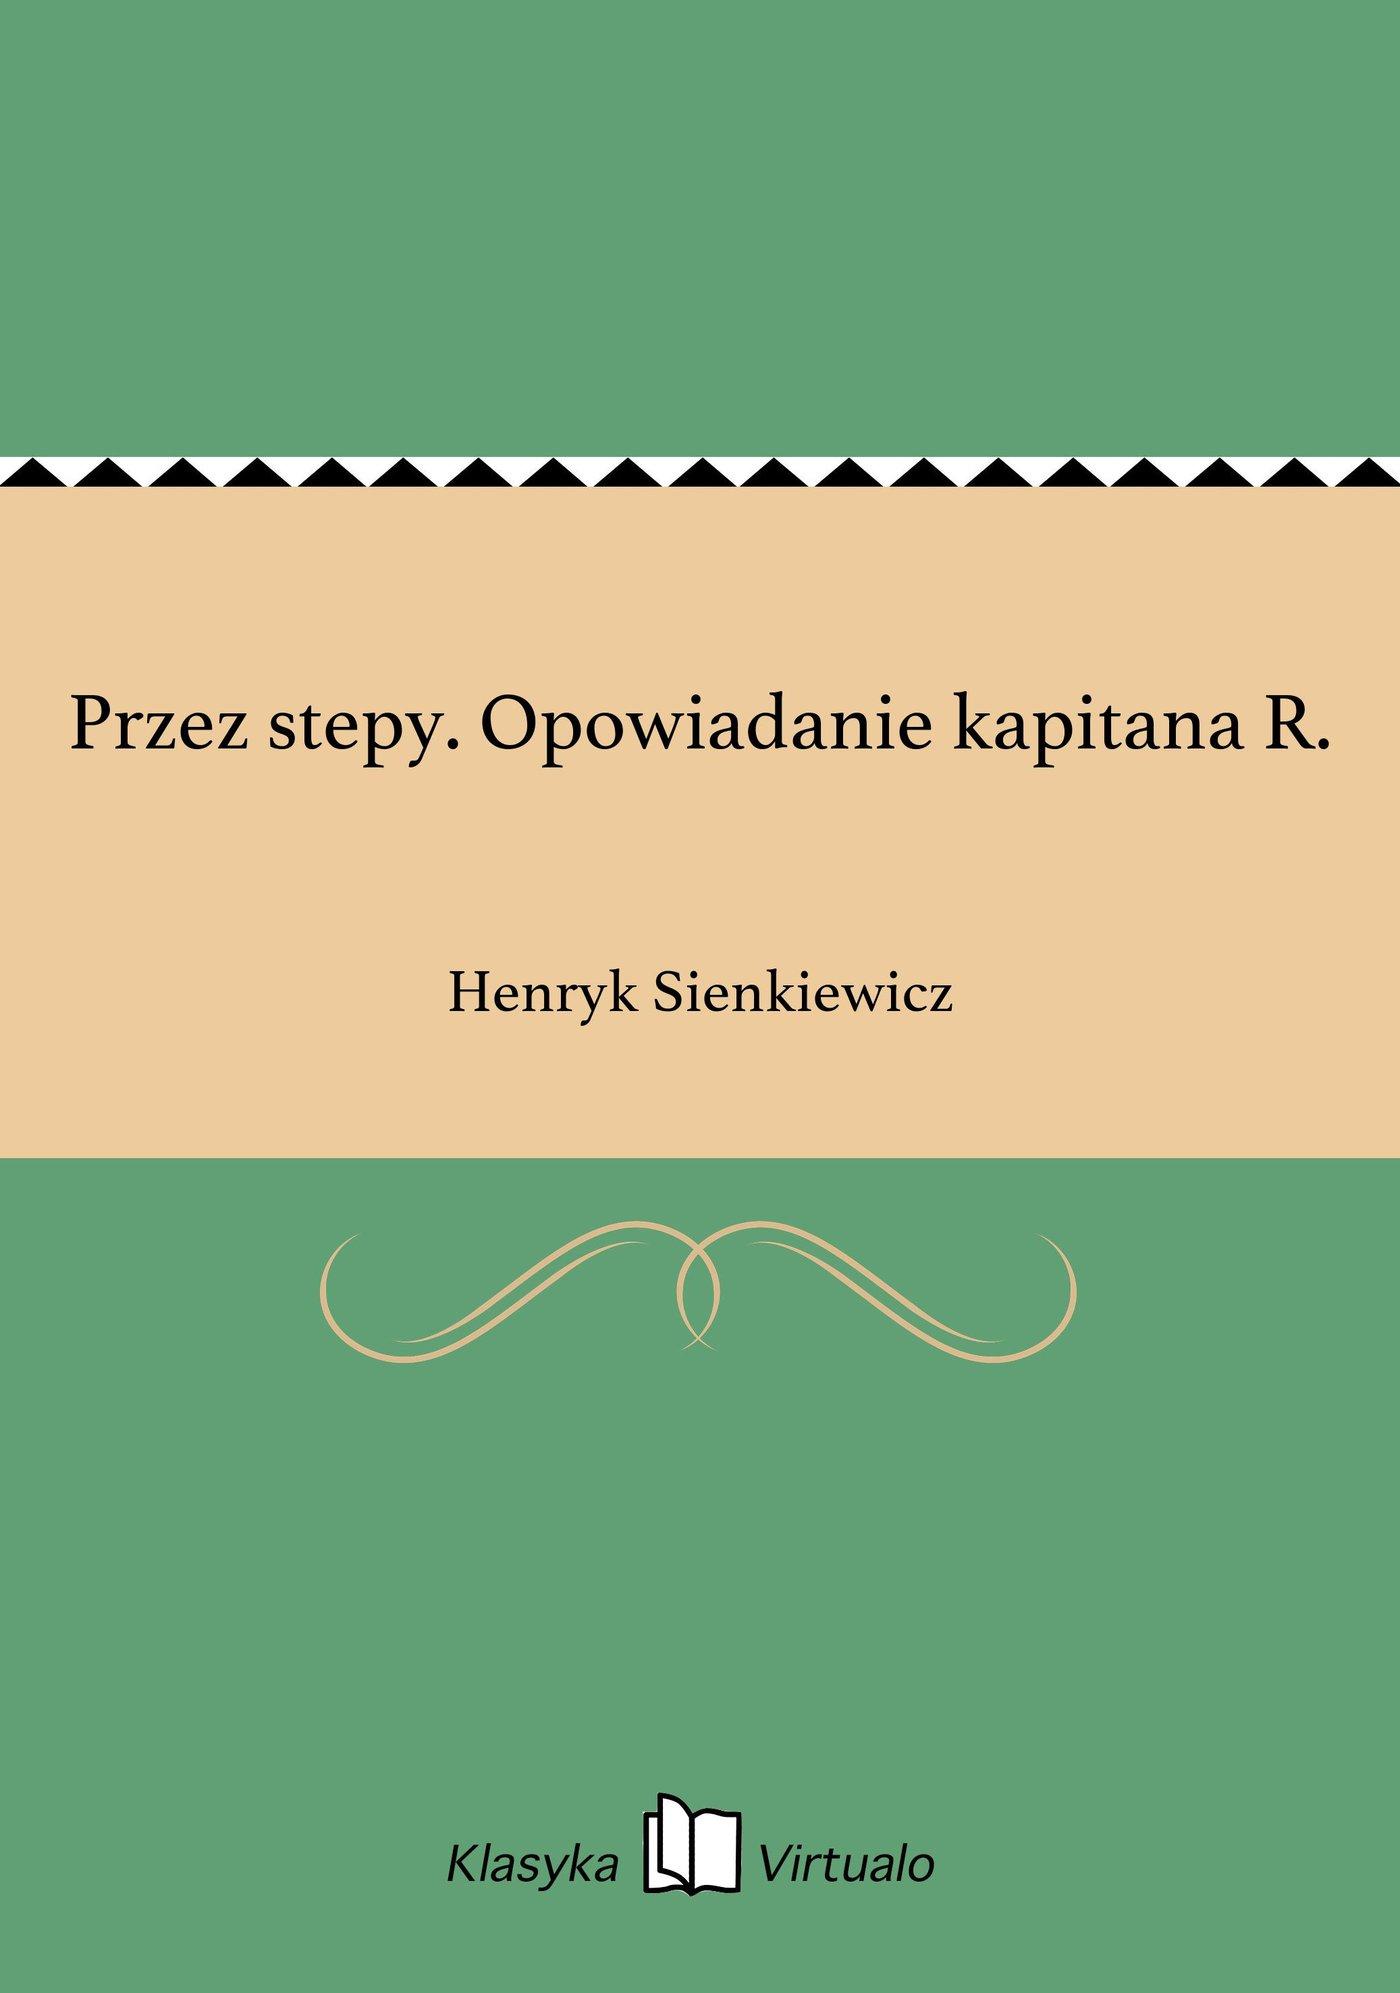 Przez stepy. Opowiadanie kapitana R. - Ebook (Książka EPUB) do pobrania w formacie EPUB